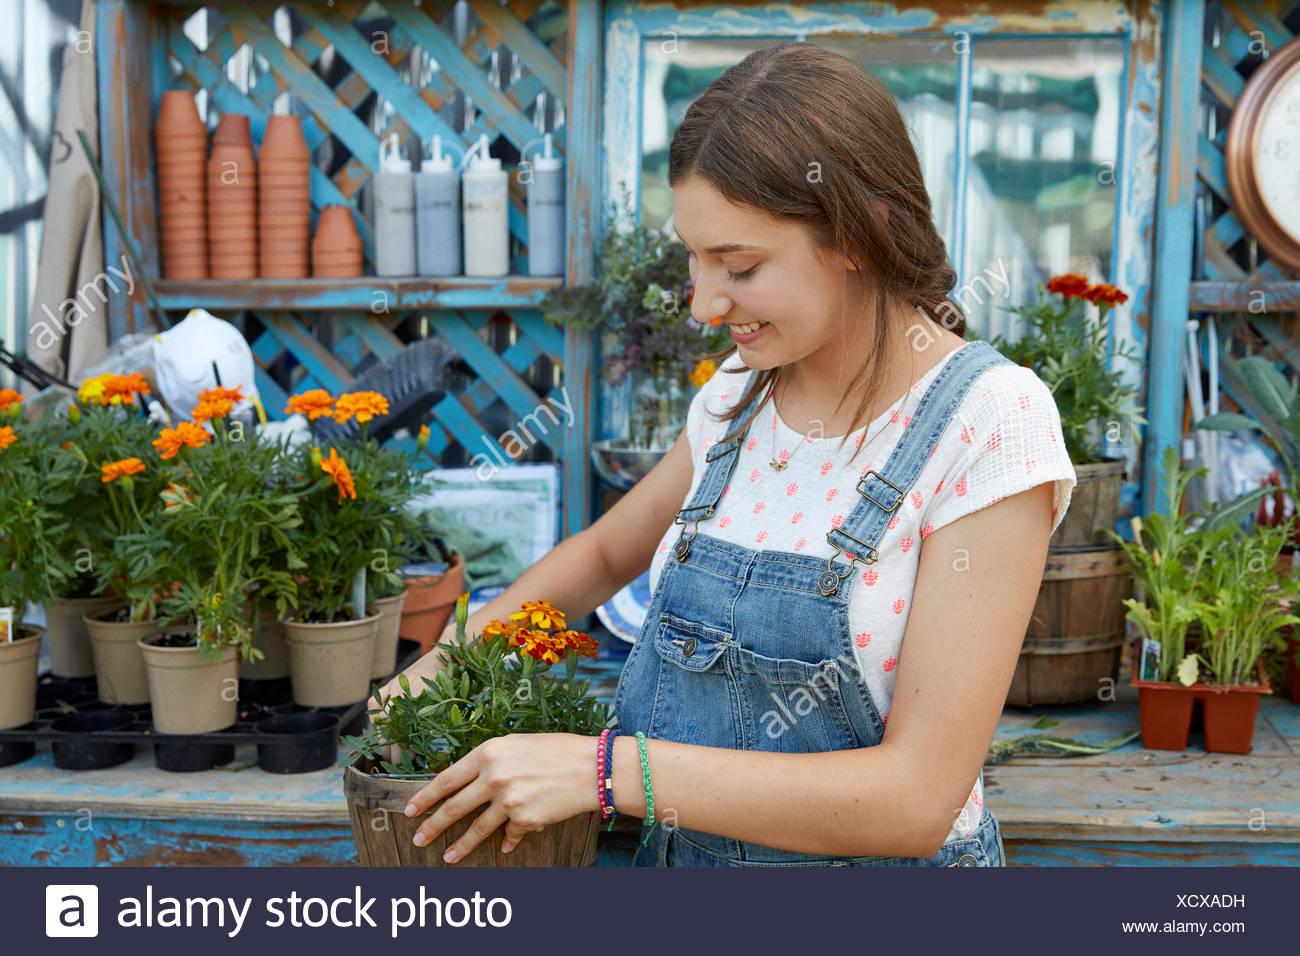 Sorridente Latina ragazza adolescente piantare fiori Immagini Stock